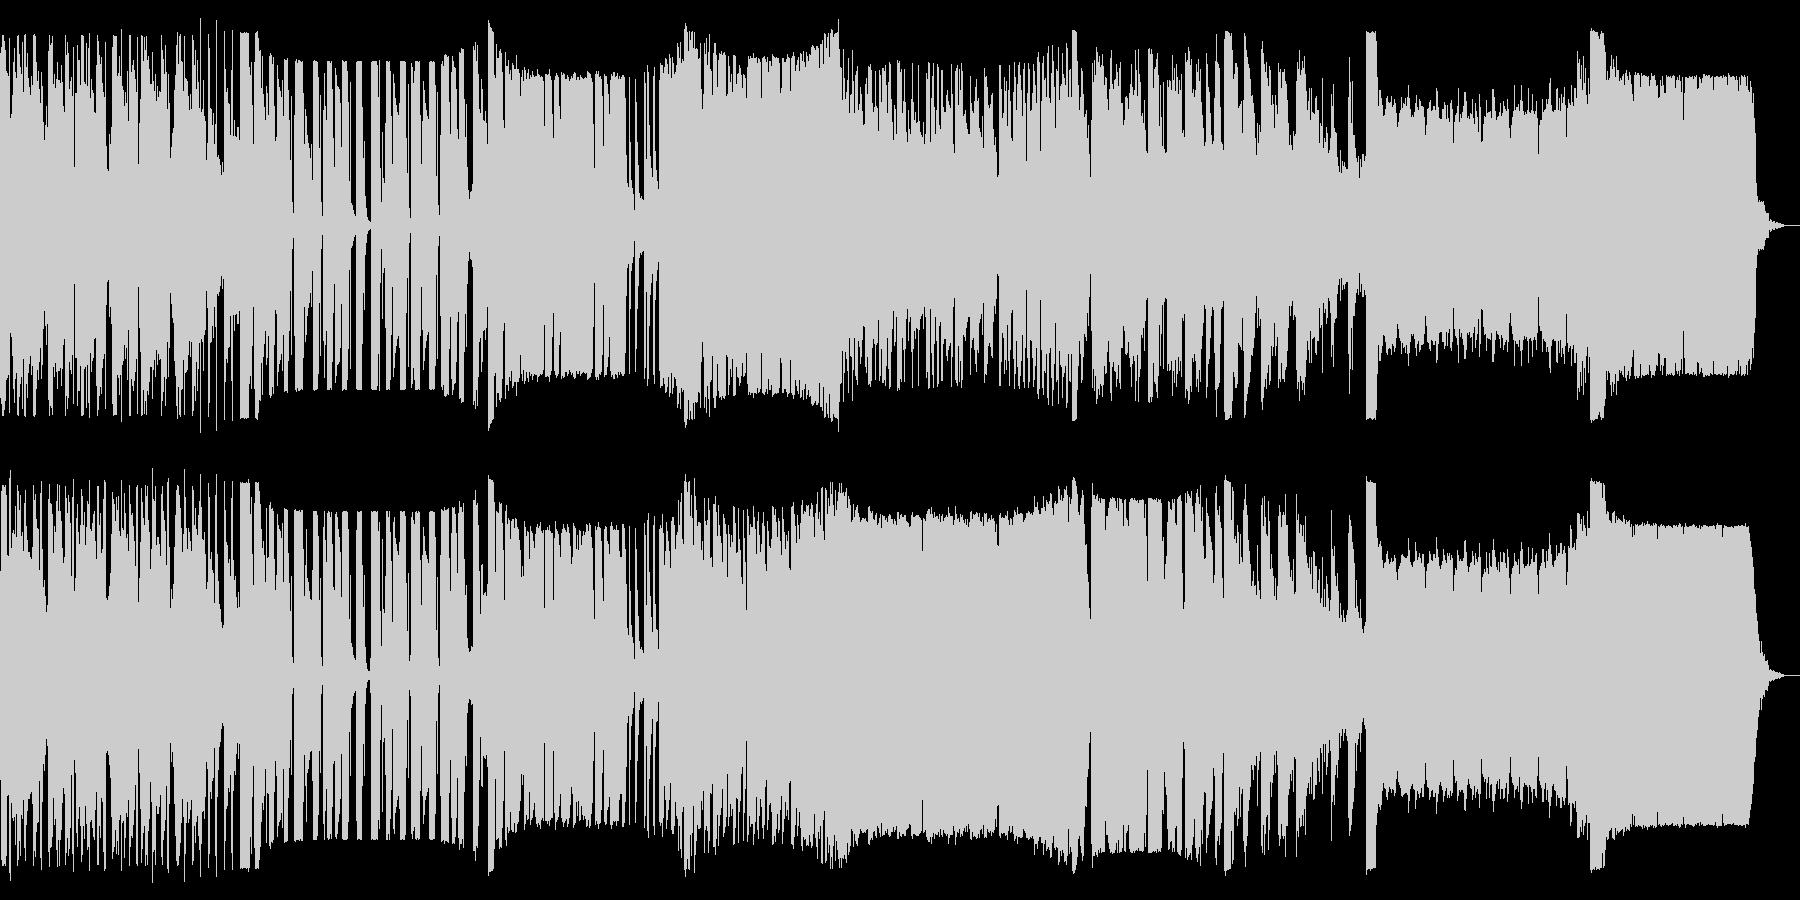 多ジャンルのイントロのリミックスの未再生の波形